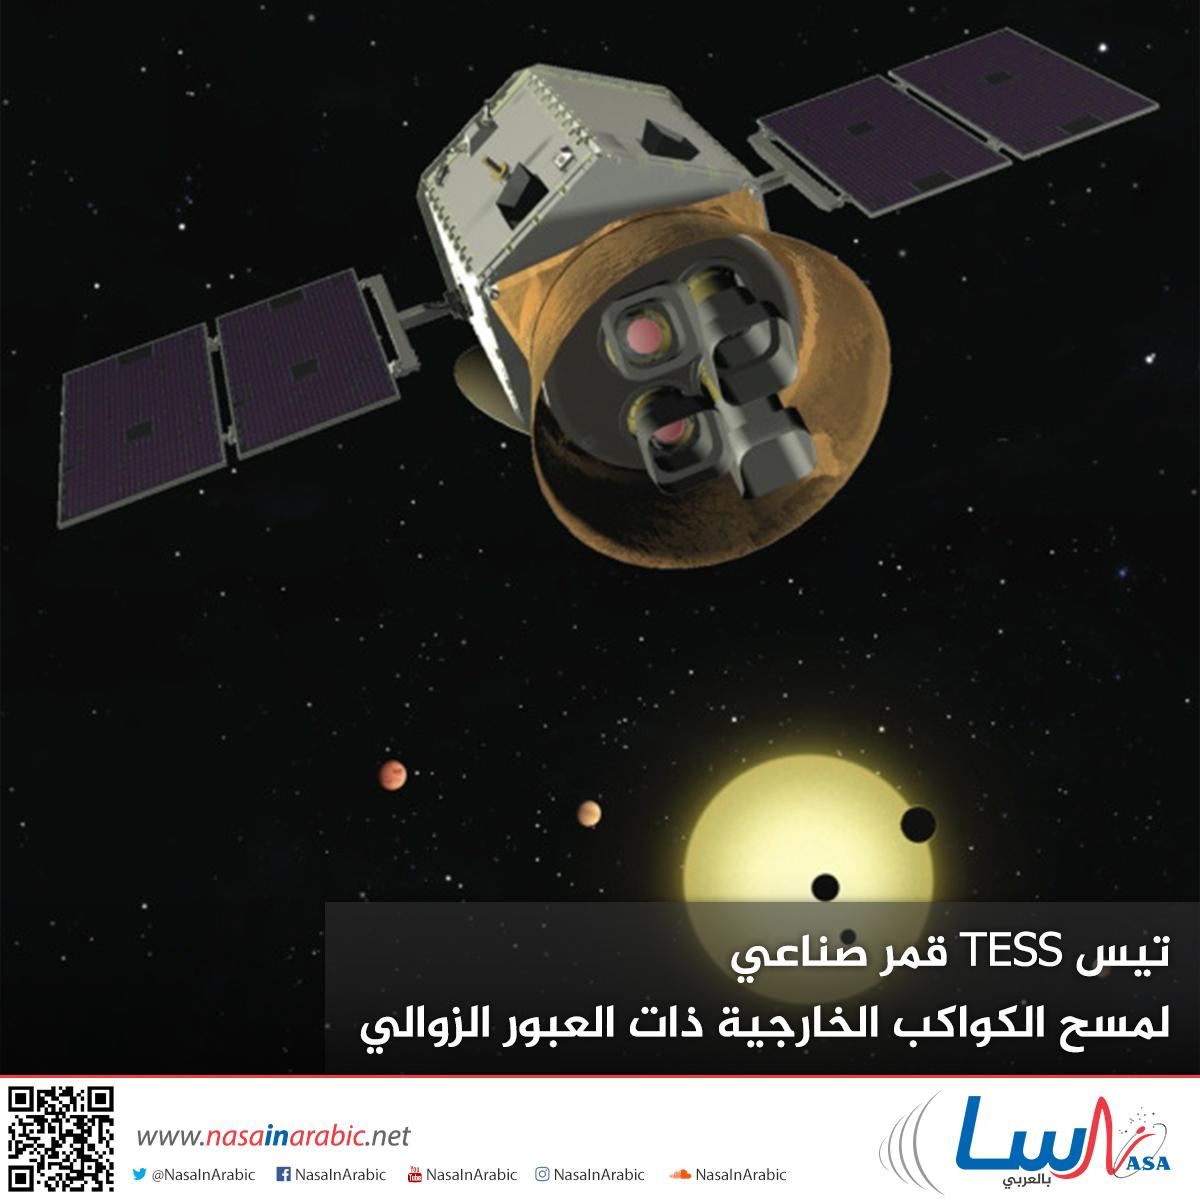 تيس TESS، قمر صناعي لمسح الكواكب الخارجية ذات العبور الزوالي